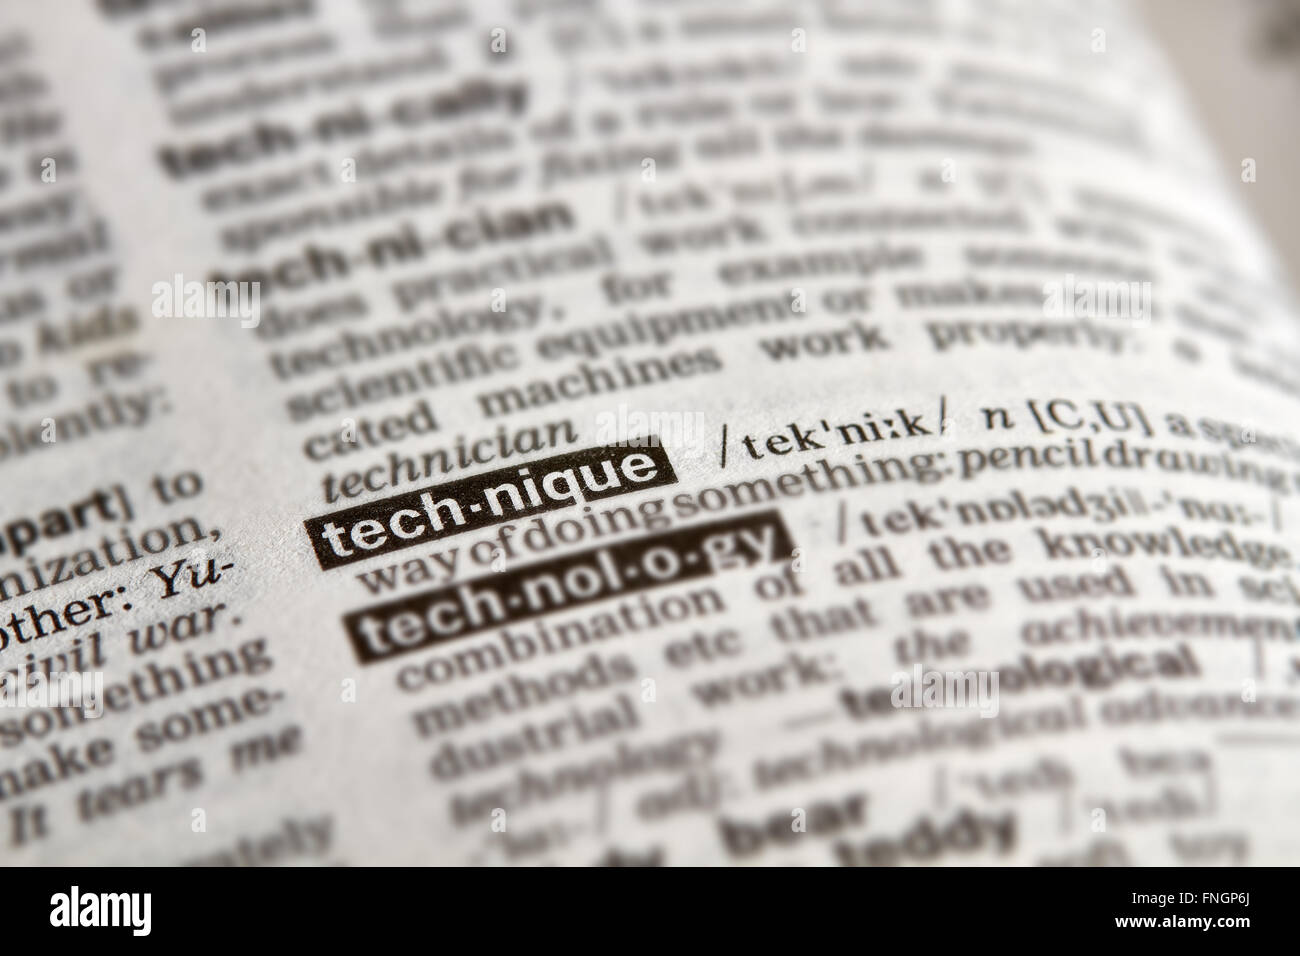 Tecnica di definizione parola di testo nella pagina del dizionario Immagini Stock